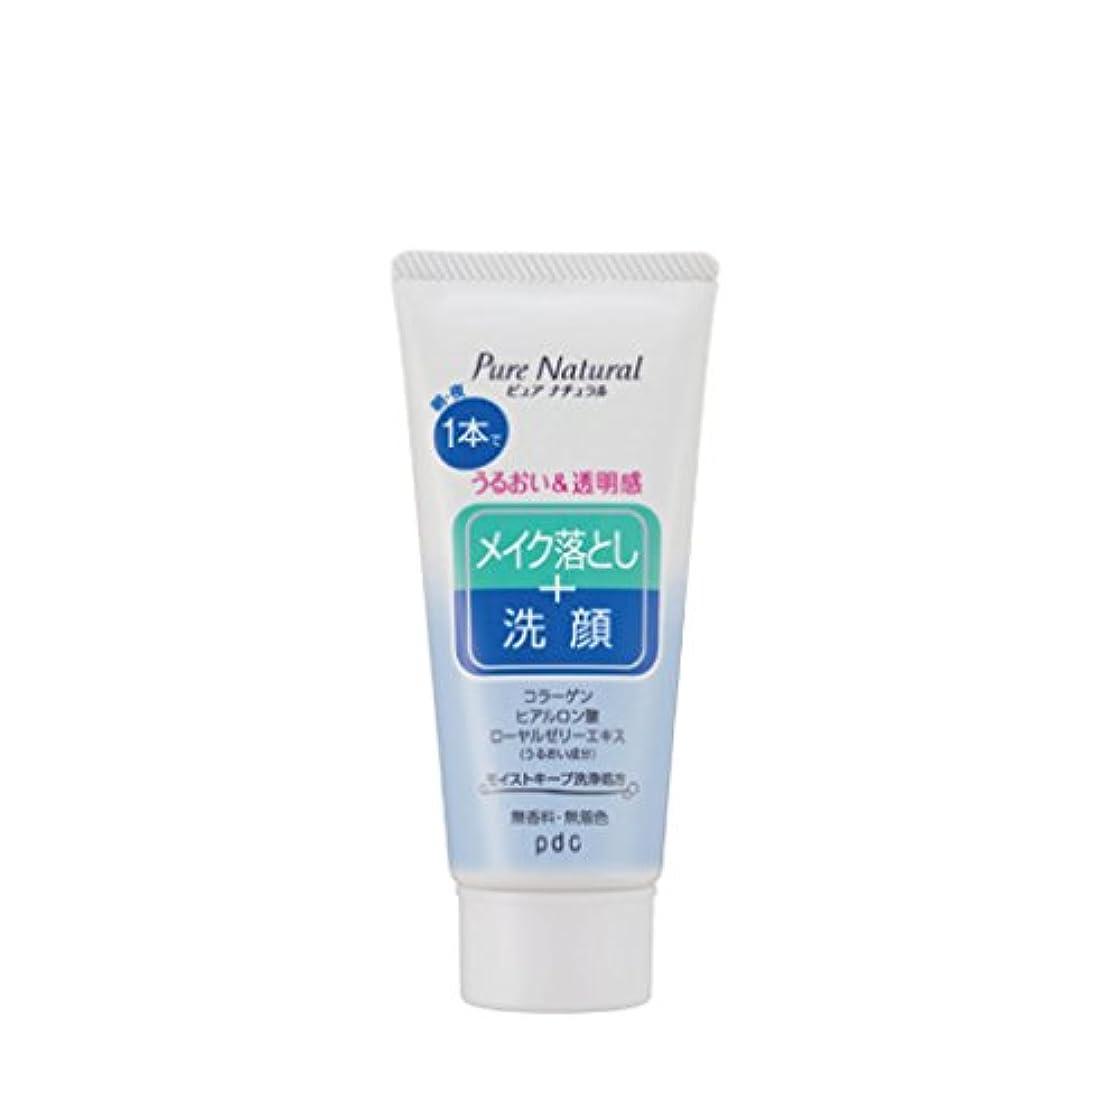 メーカーメディカル風味Pure NATURAL(ピュアナチュラル) クレンジング洗顔 (ミニサイズ) 70g